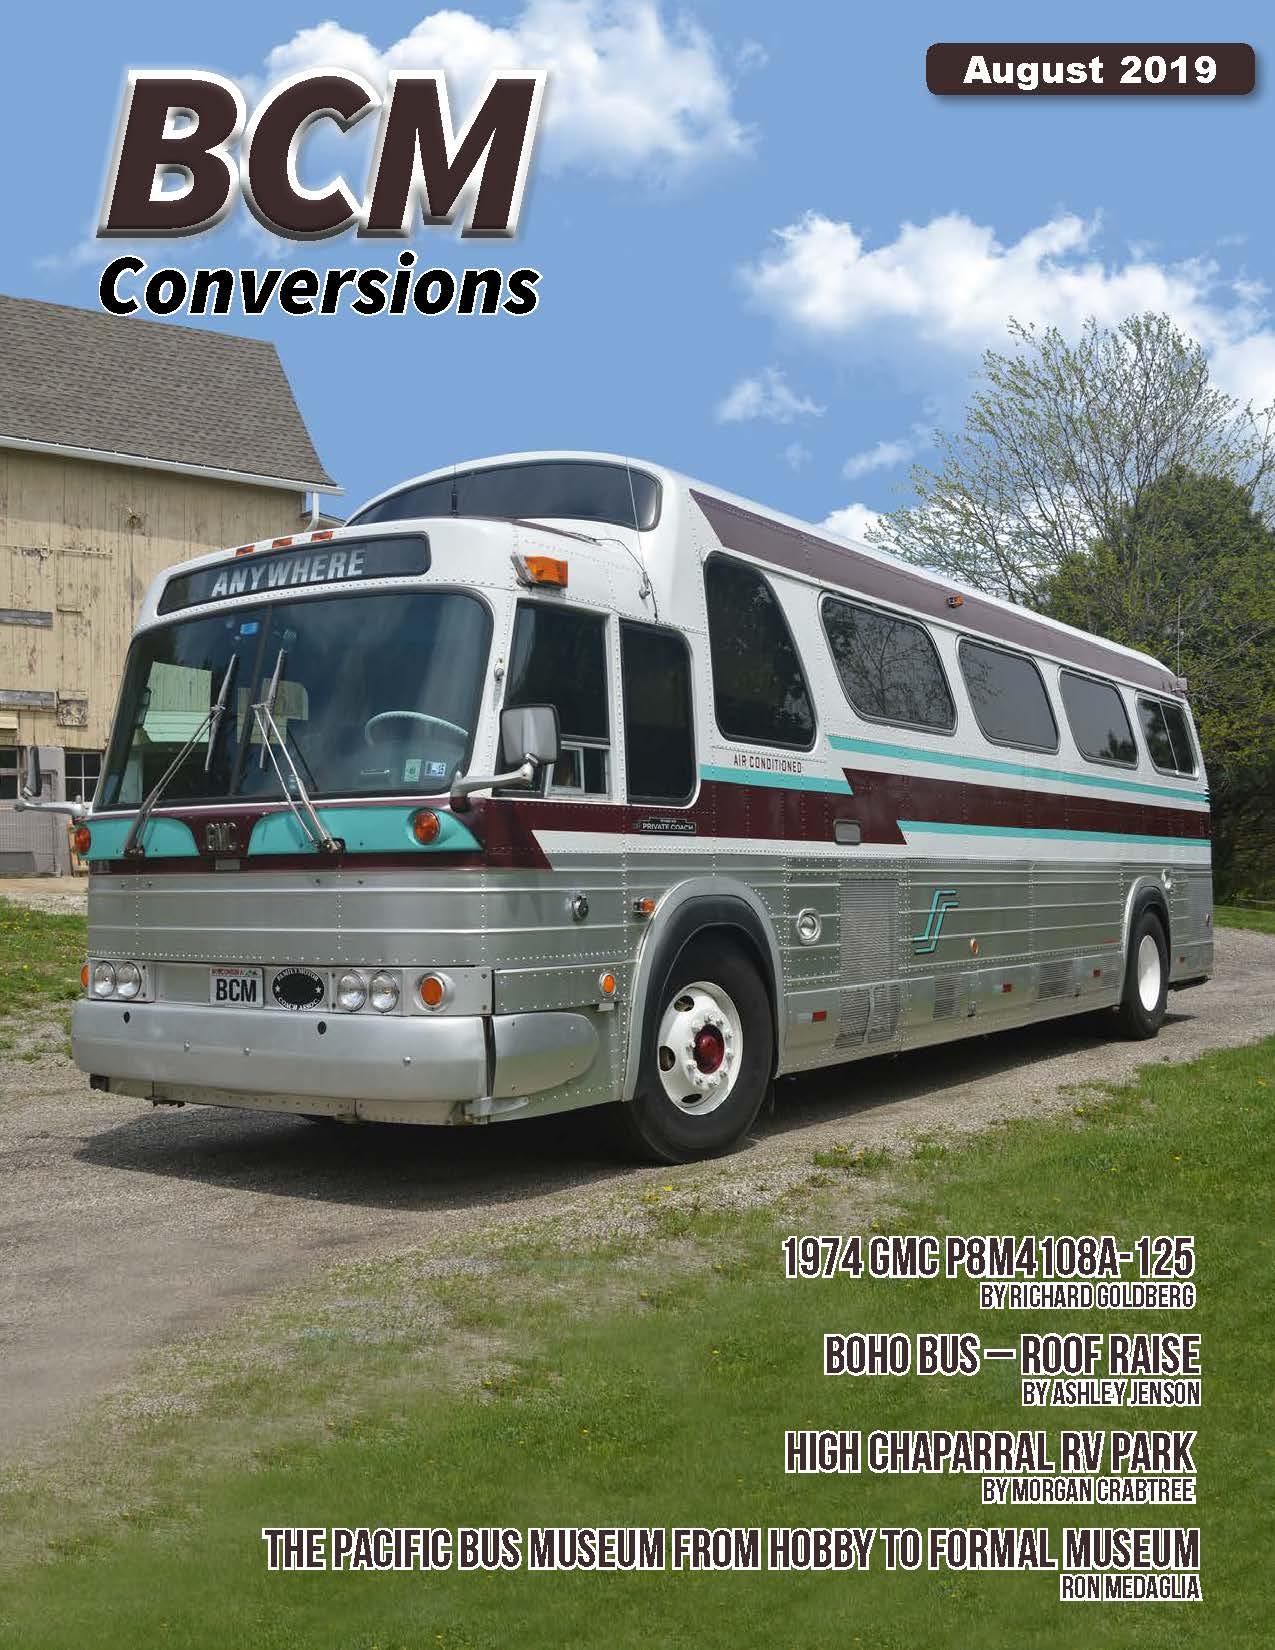 """<a href=""""""""><img class=""""spu-open-10240"""" src=""""https://www.busconversionmagazine.com/wp-content/uploads/2019/08/August-Issue-2019-Teaser-21483.jpg""""></a>"""